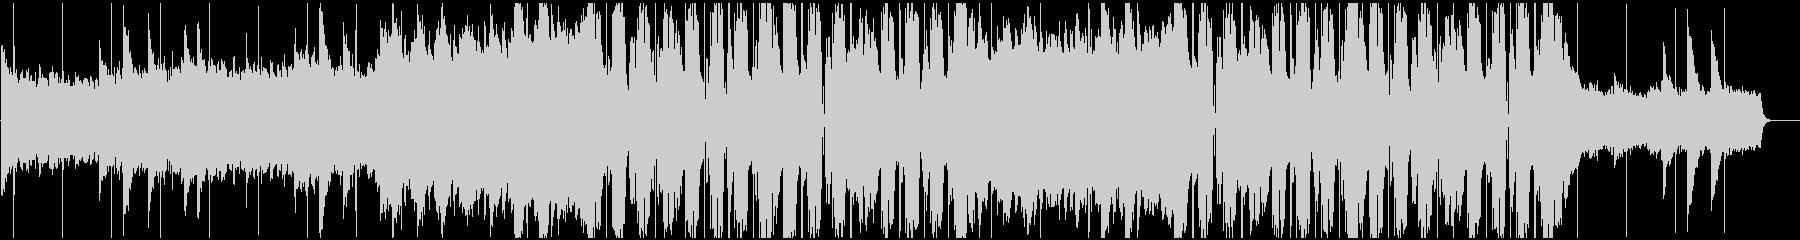 ドラマティックなフューチャーポップBGMの未再生の波形